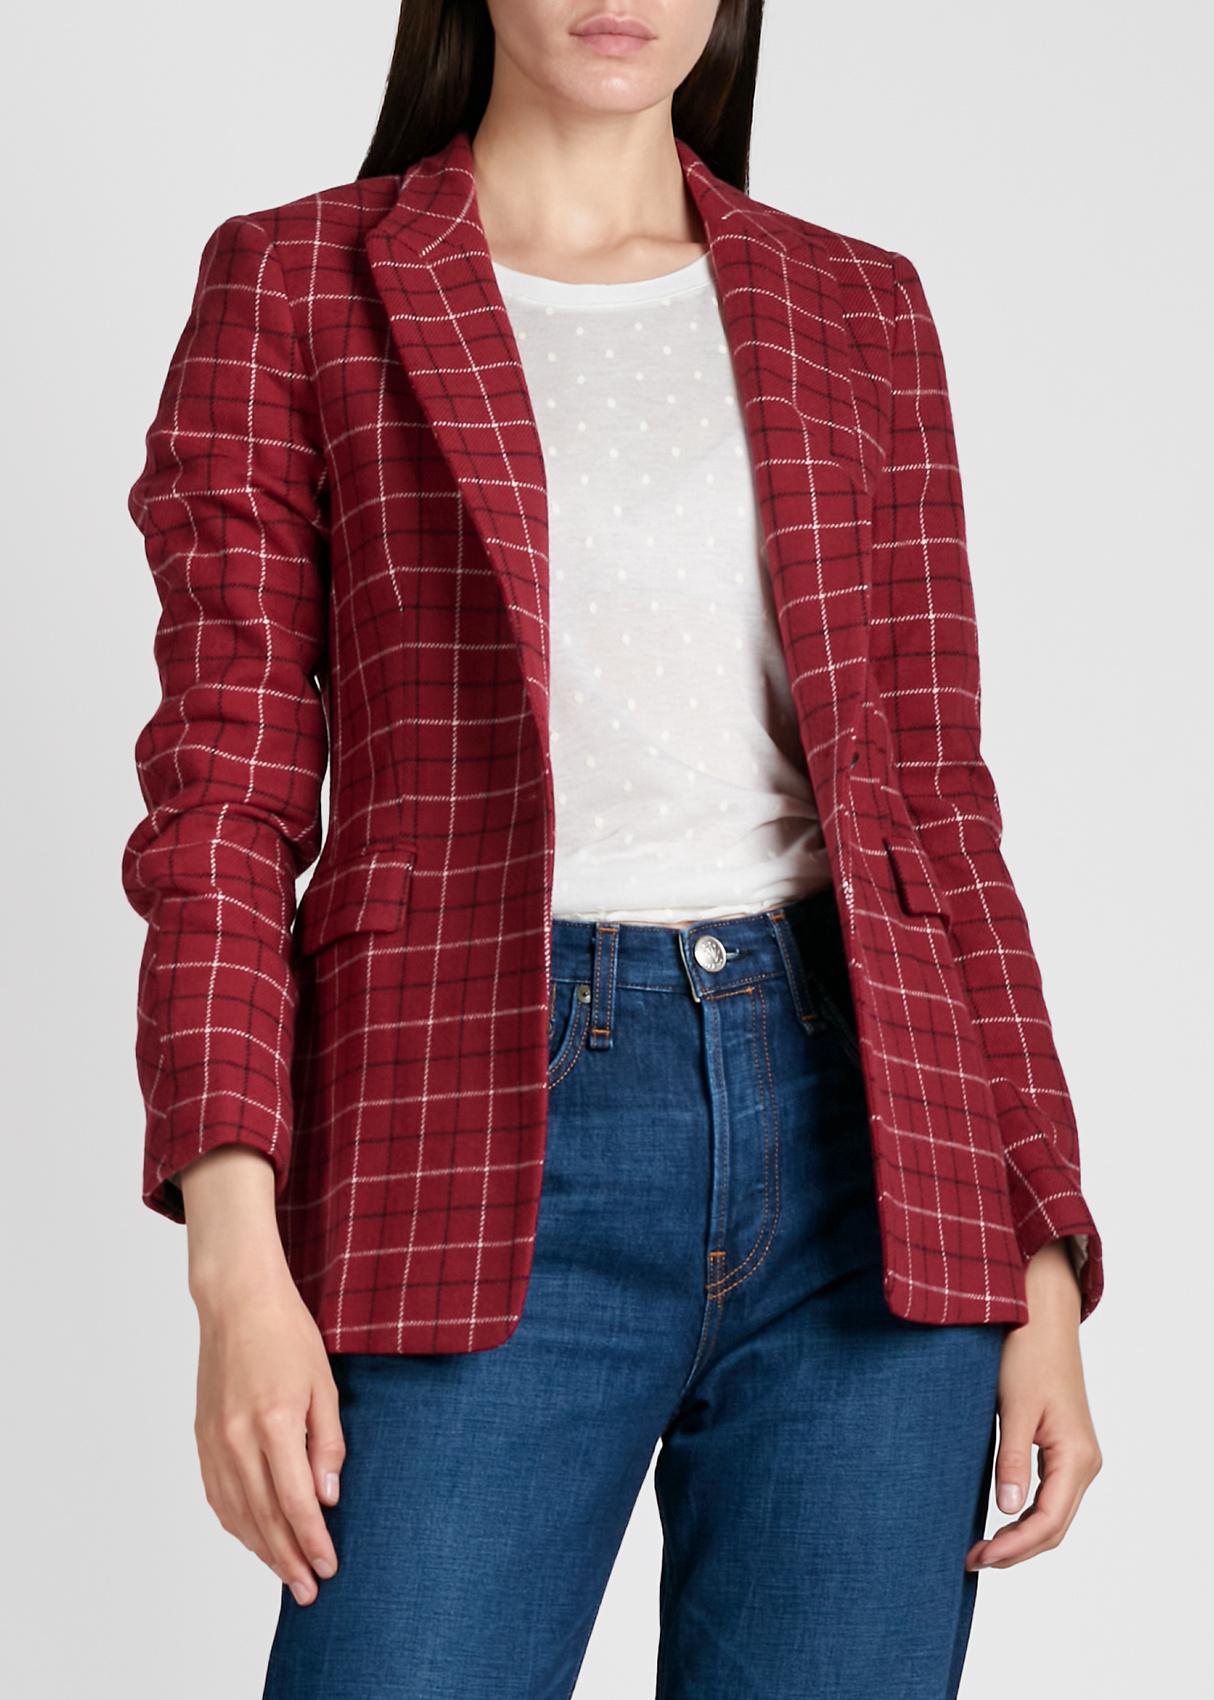 Пиджак в клетку Rag & Bone красного цвета